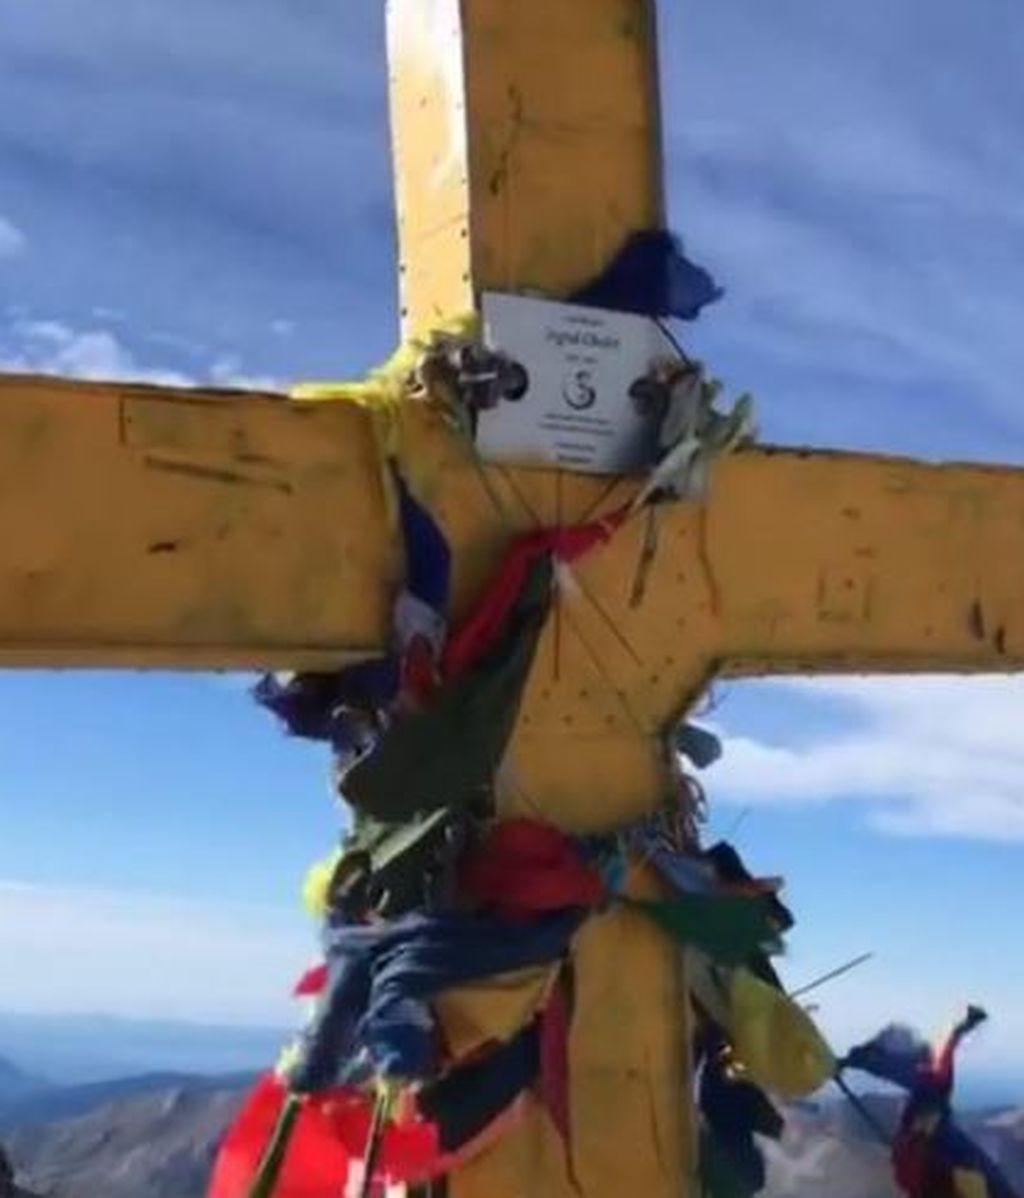 La pasión por los lazos amarillos llega a la cruz del Aneto, a 3.404 metros de altura